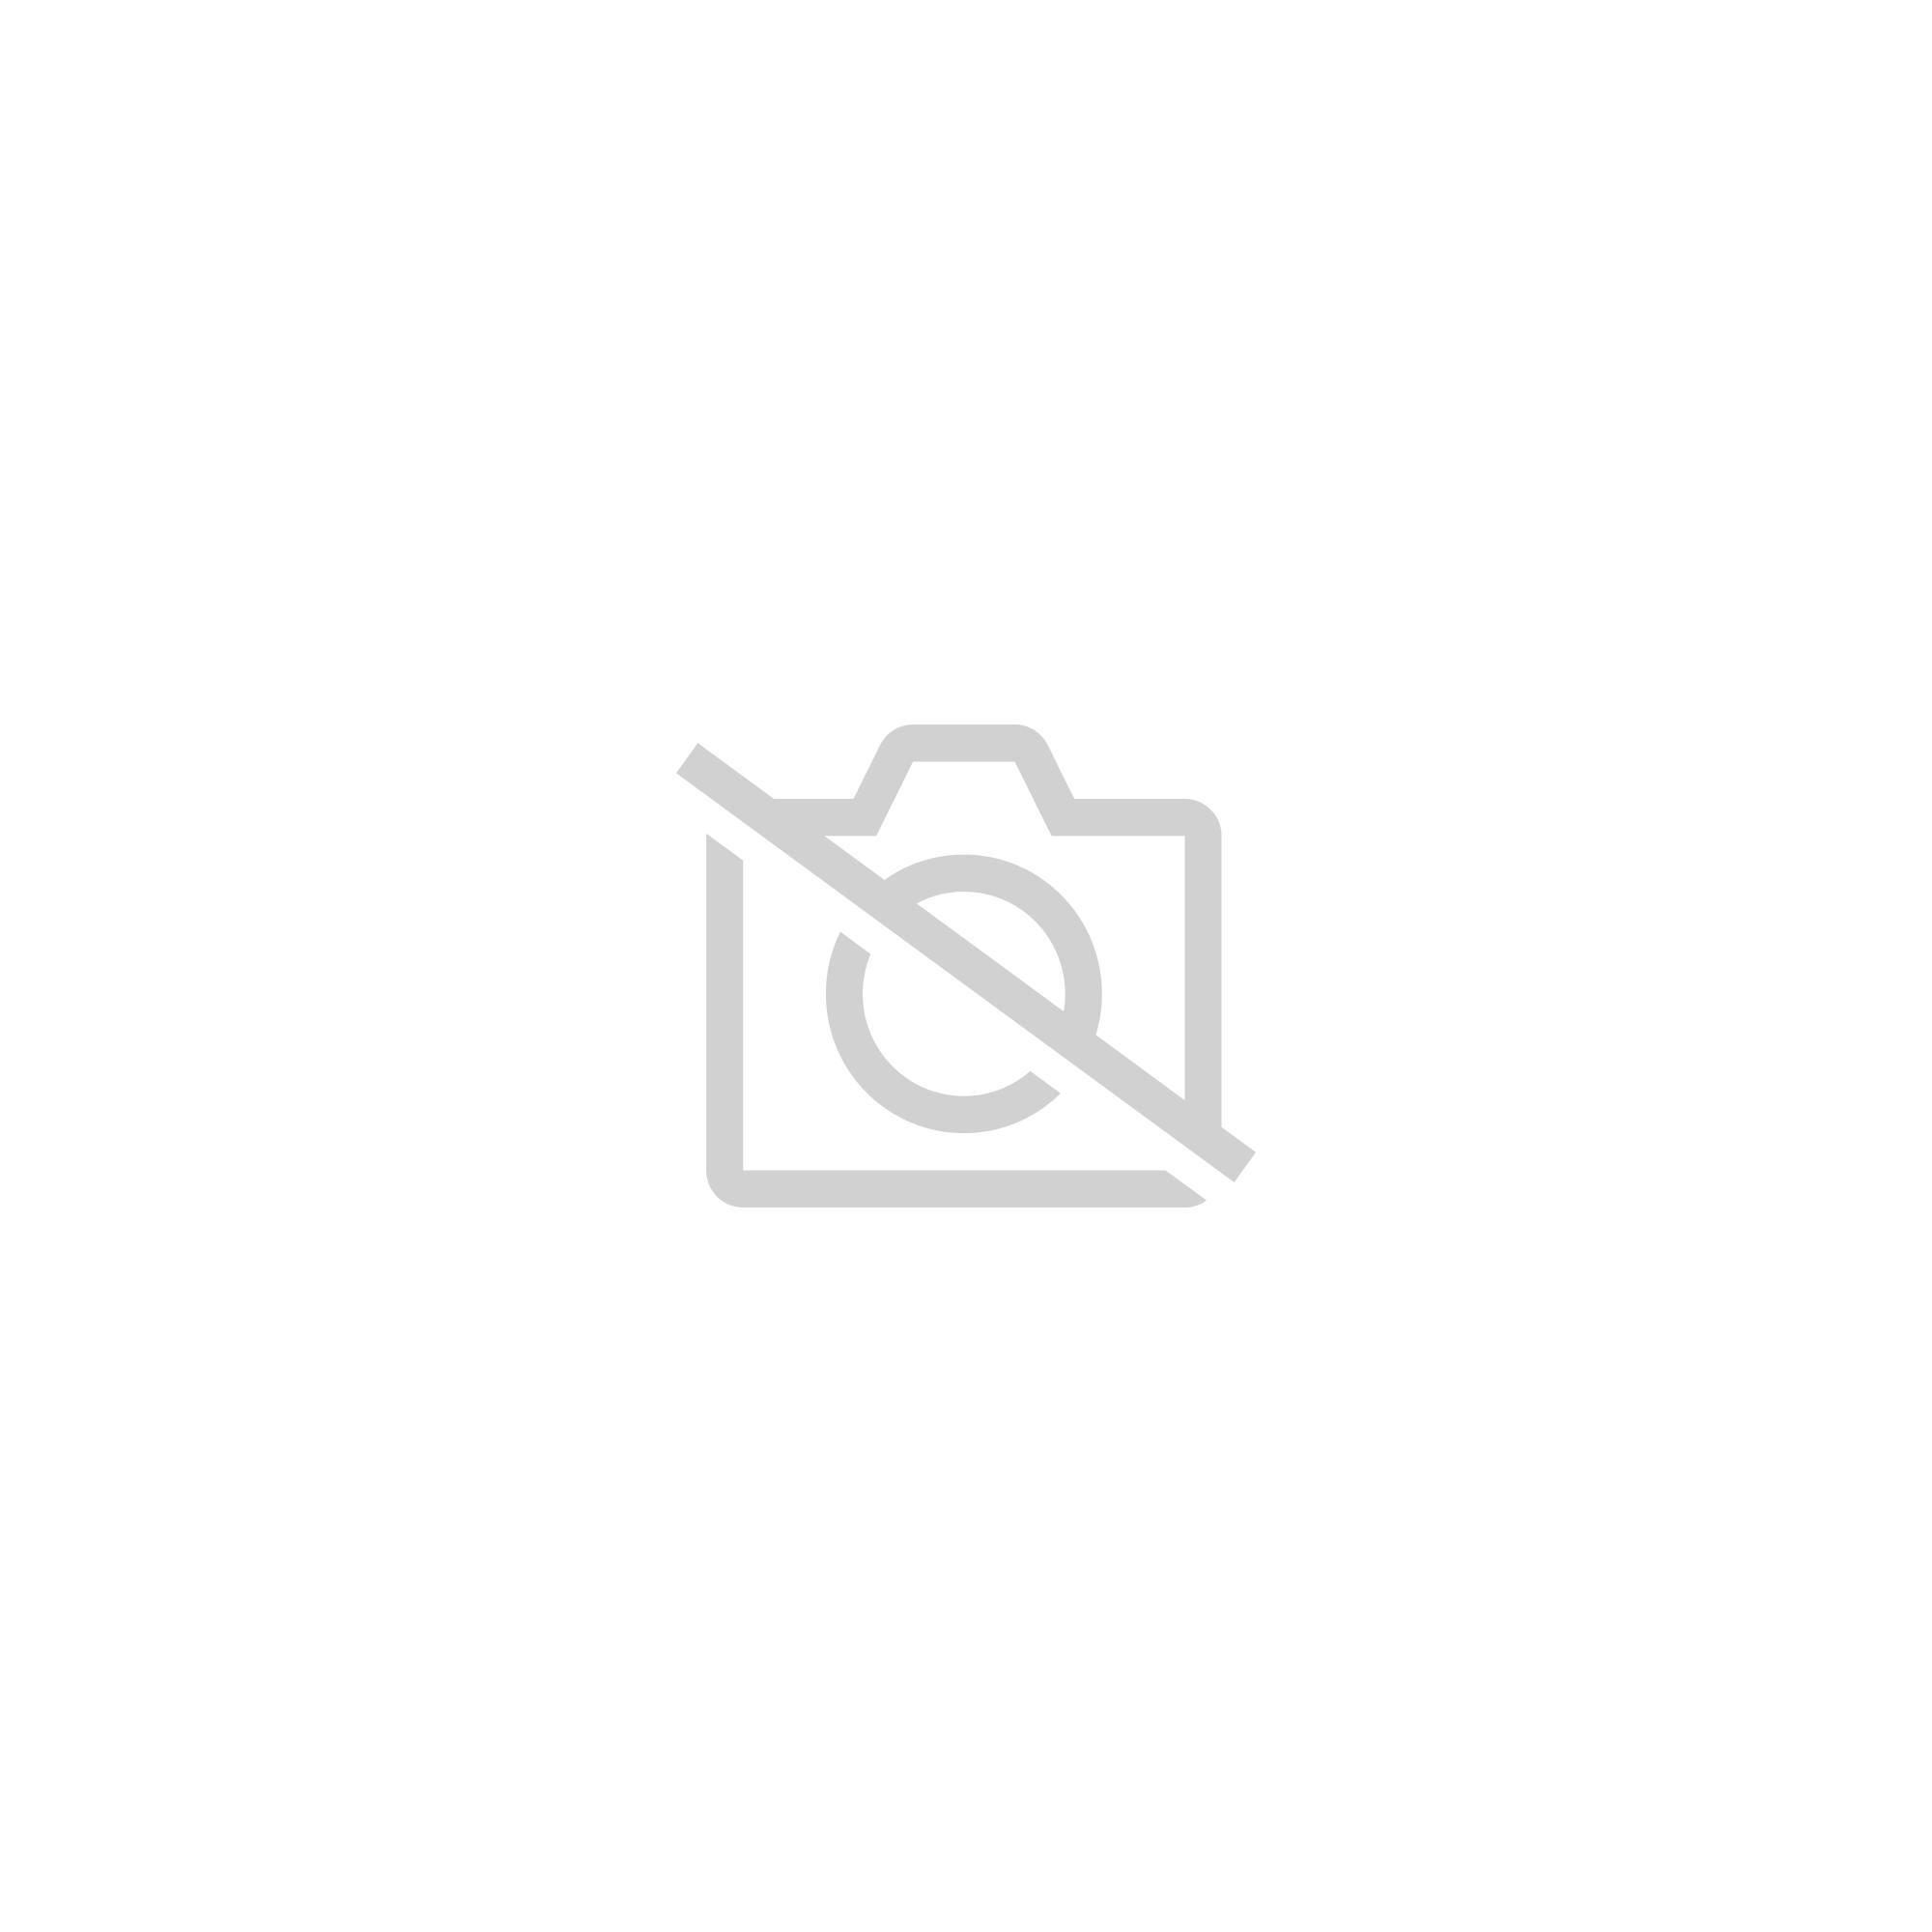 Original Samsung Galaxy S4 Gt I9505 Connecteur Carte Sim Lecteur M�moire Micro-Sd Qualit� Sup�rieure Contacts Lecteur Sim Pin Sd Dor�s Nappe Connexion Card - - Original Vendu Uniquement Par 3winfoelec